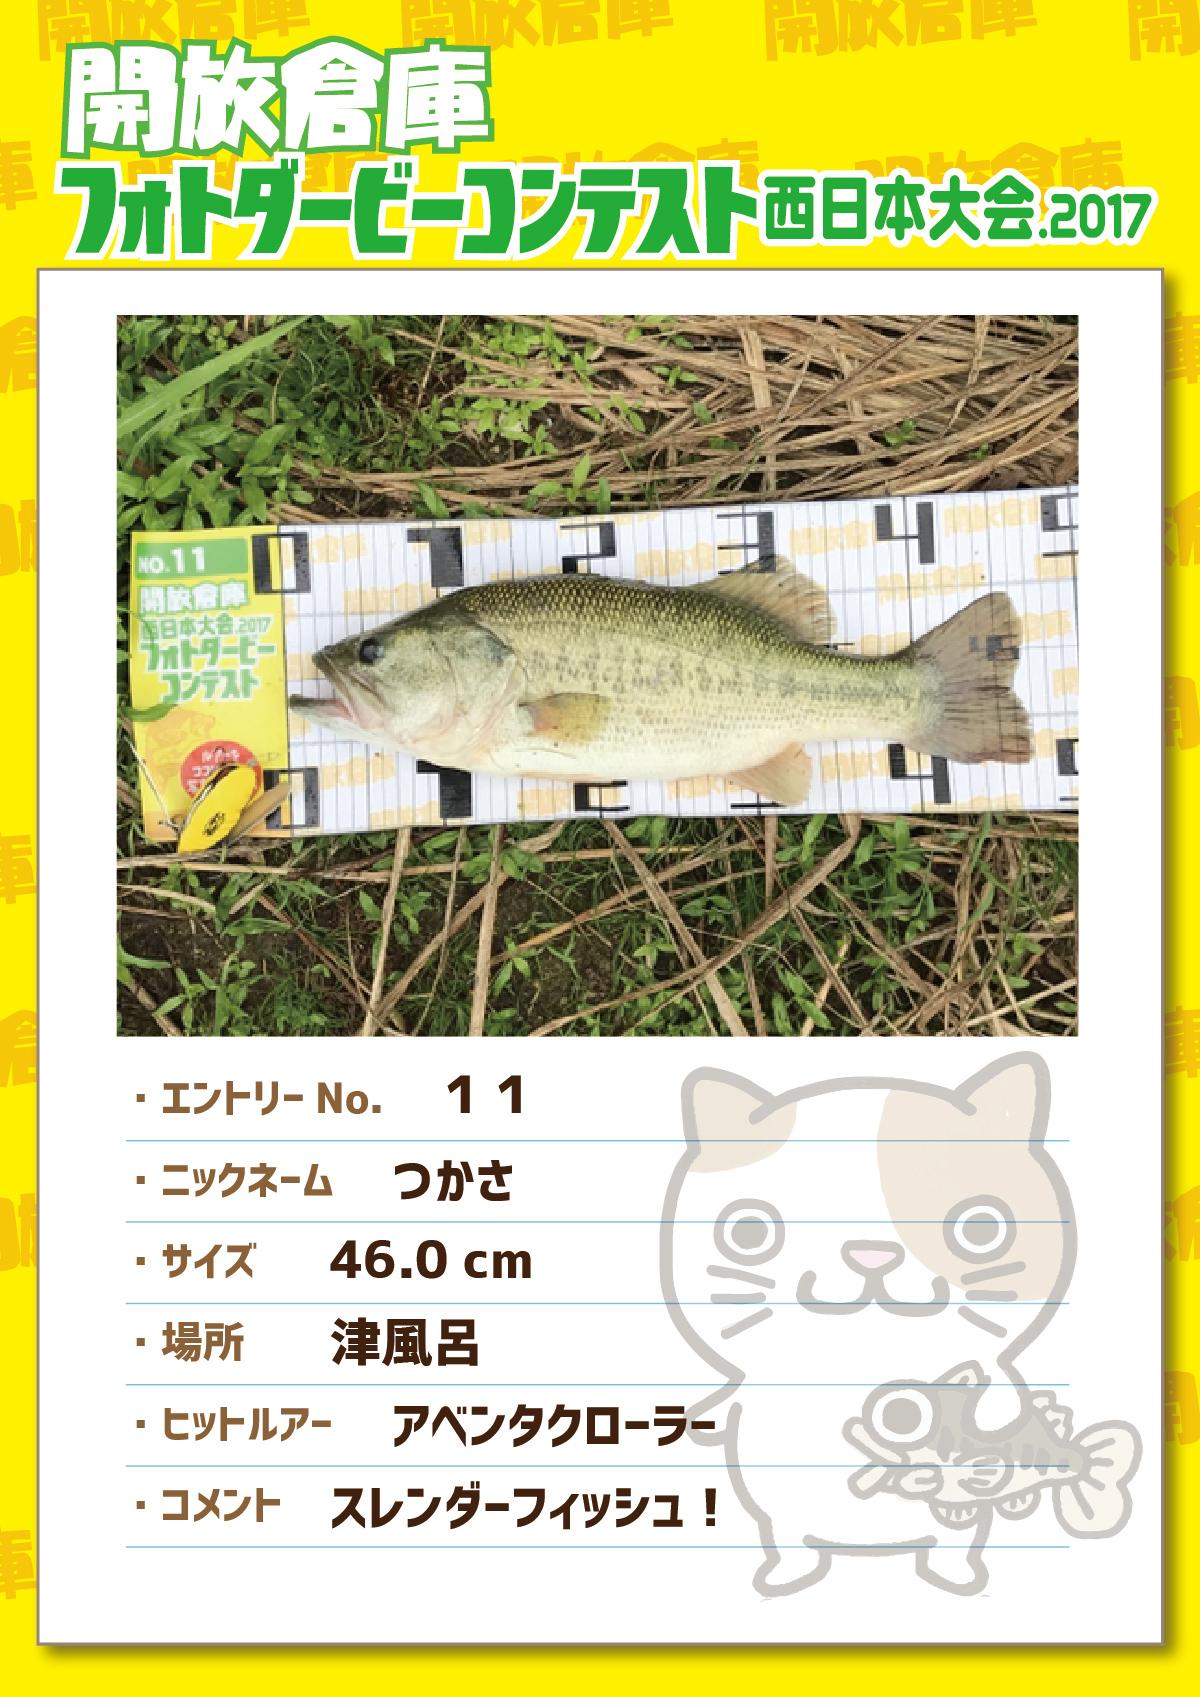 No.11 つかさ 46.0cm 津風呂 アベンタクローラー スレンダーフィッシュ!